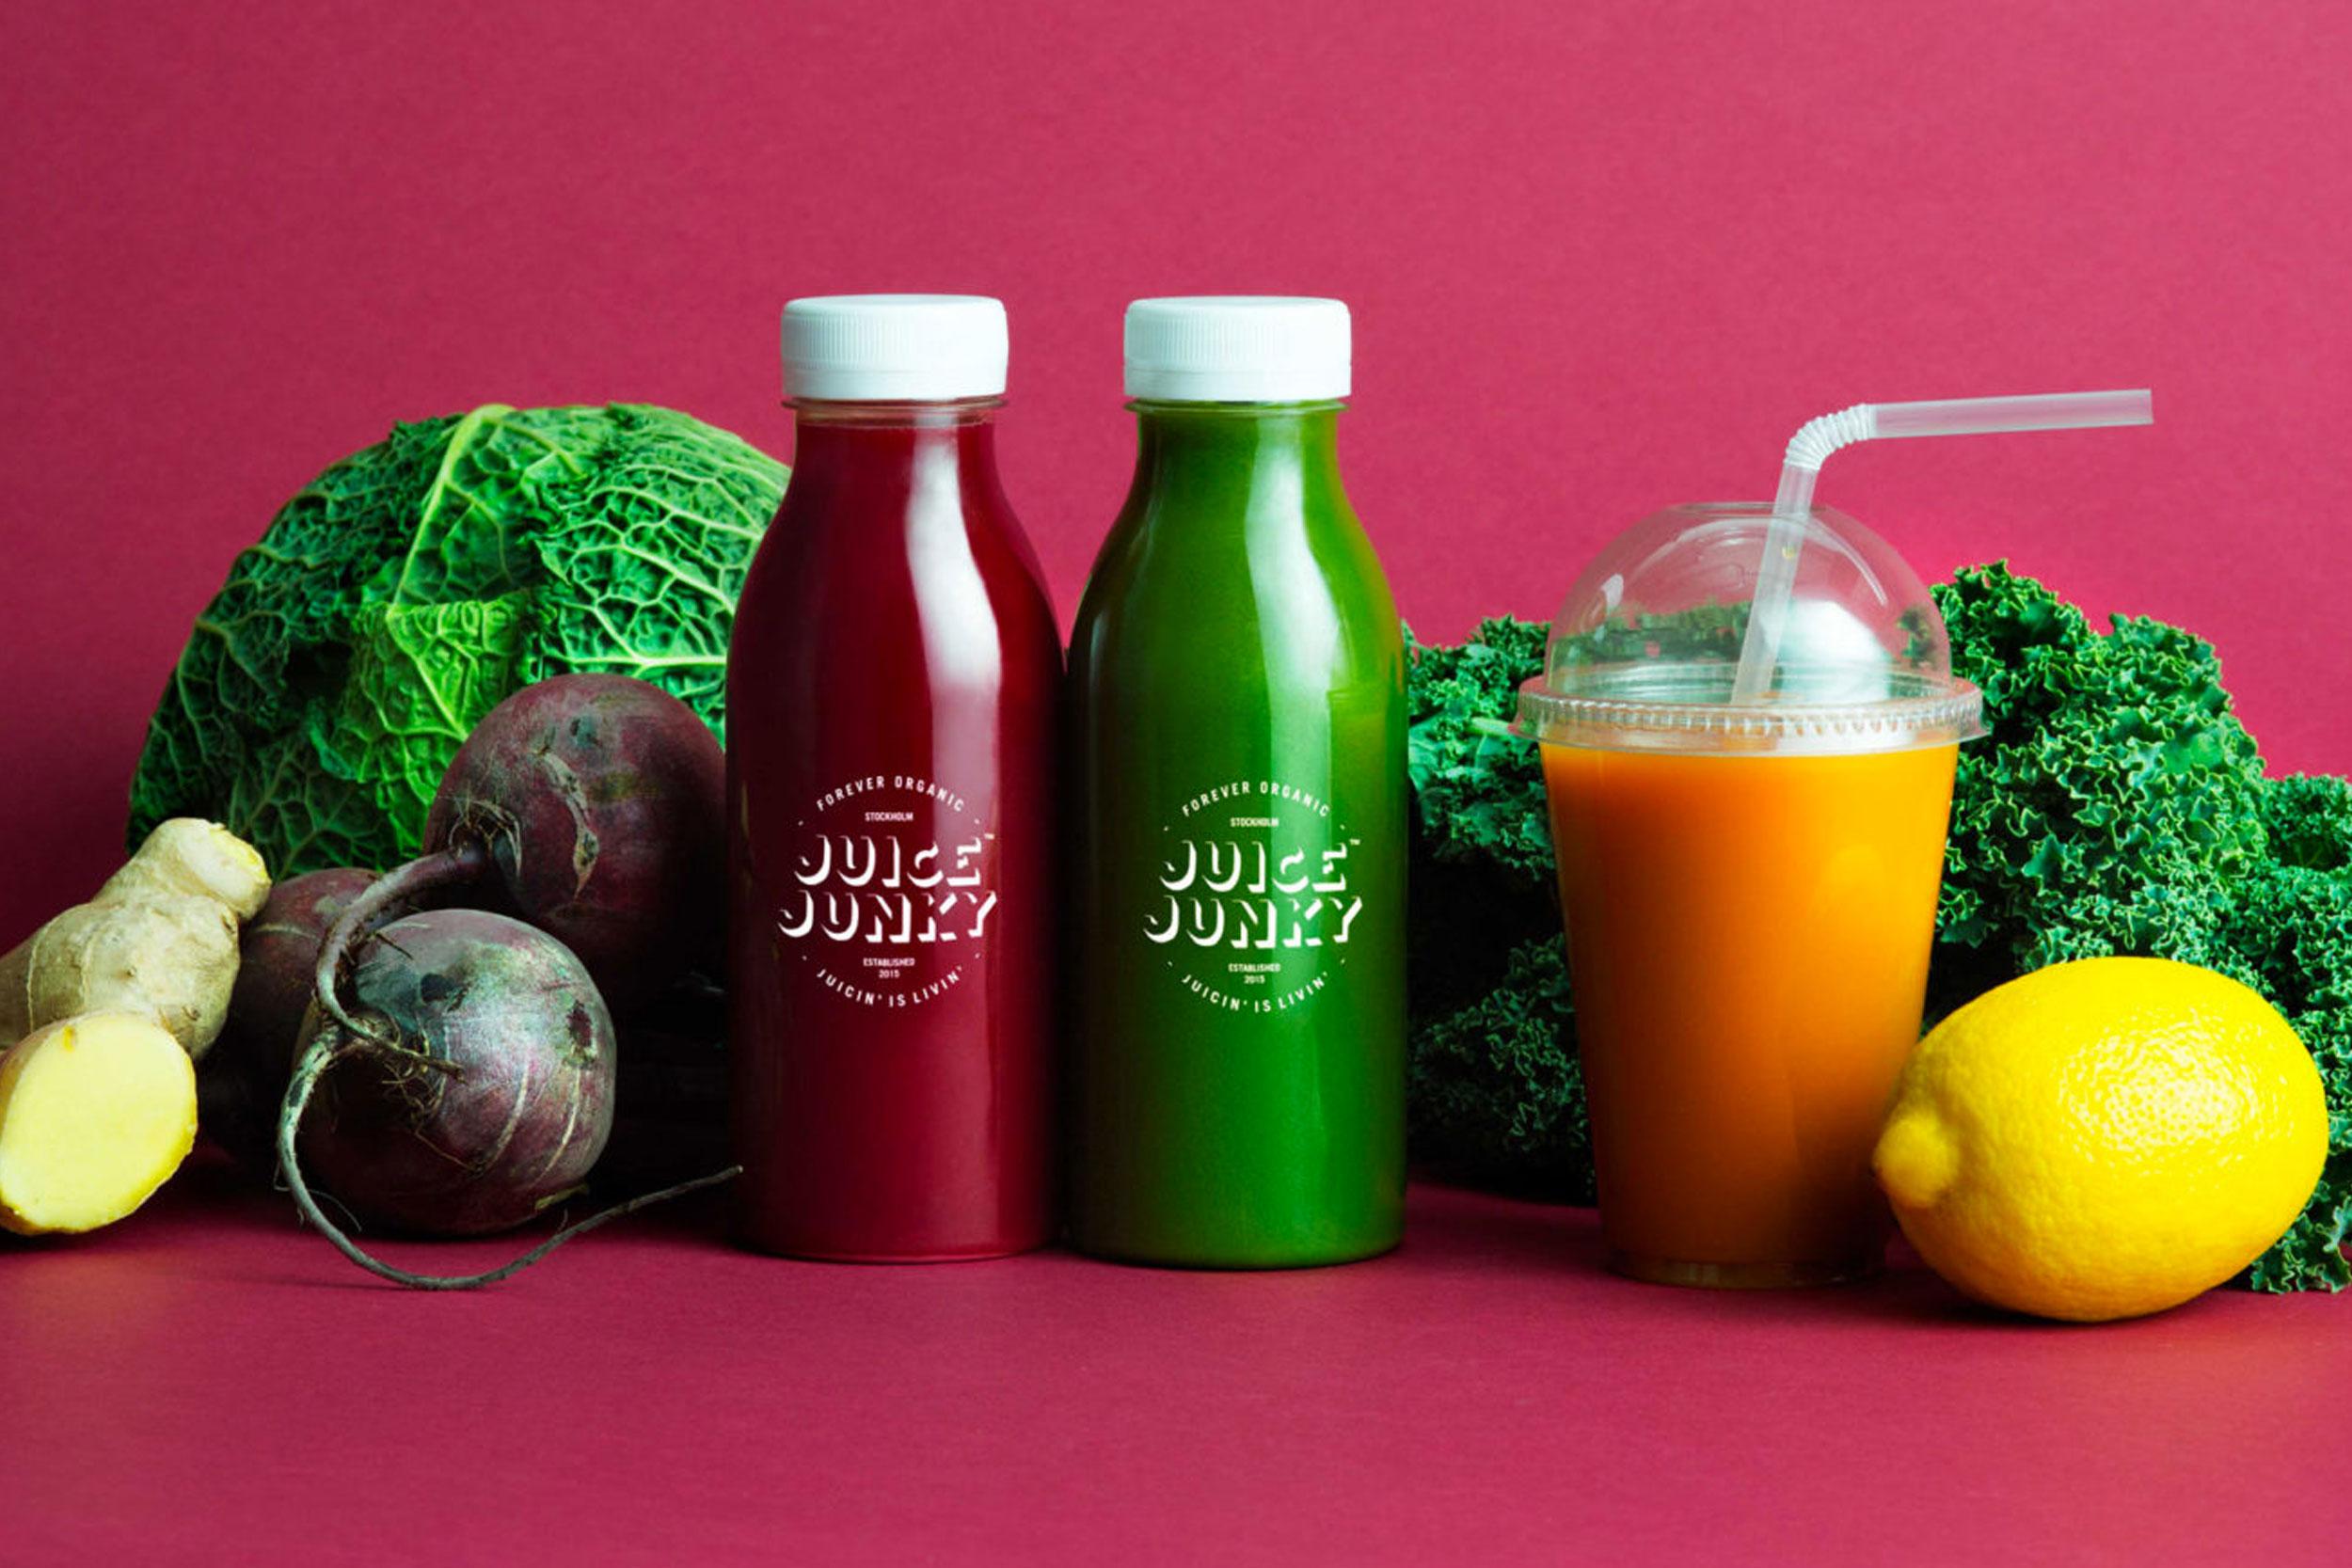 Juice Junky